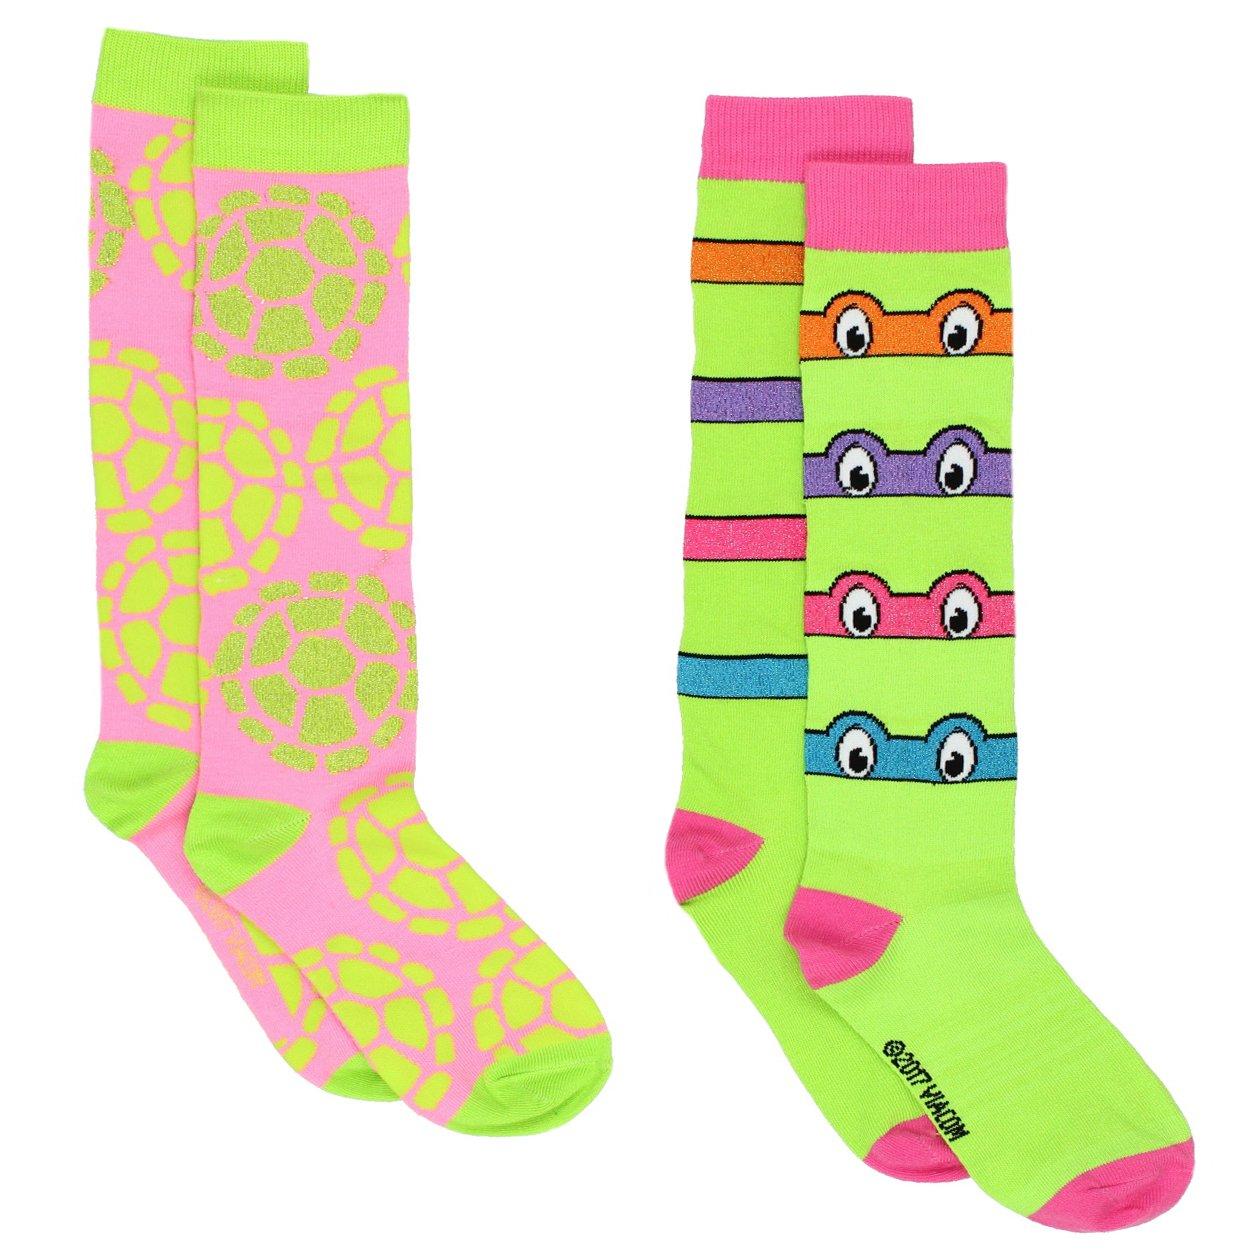 TMNT Teenage Mutant Ninja Turtles Womens 2 pack Socks (Big Kid/Teen/Adult)